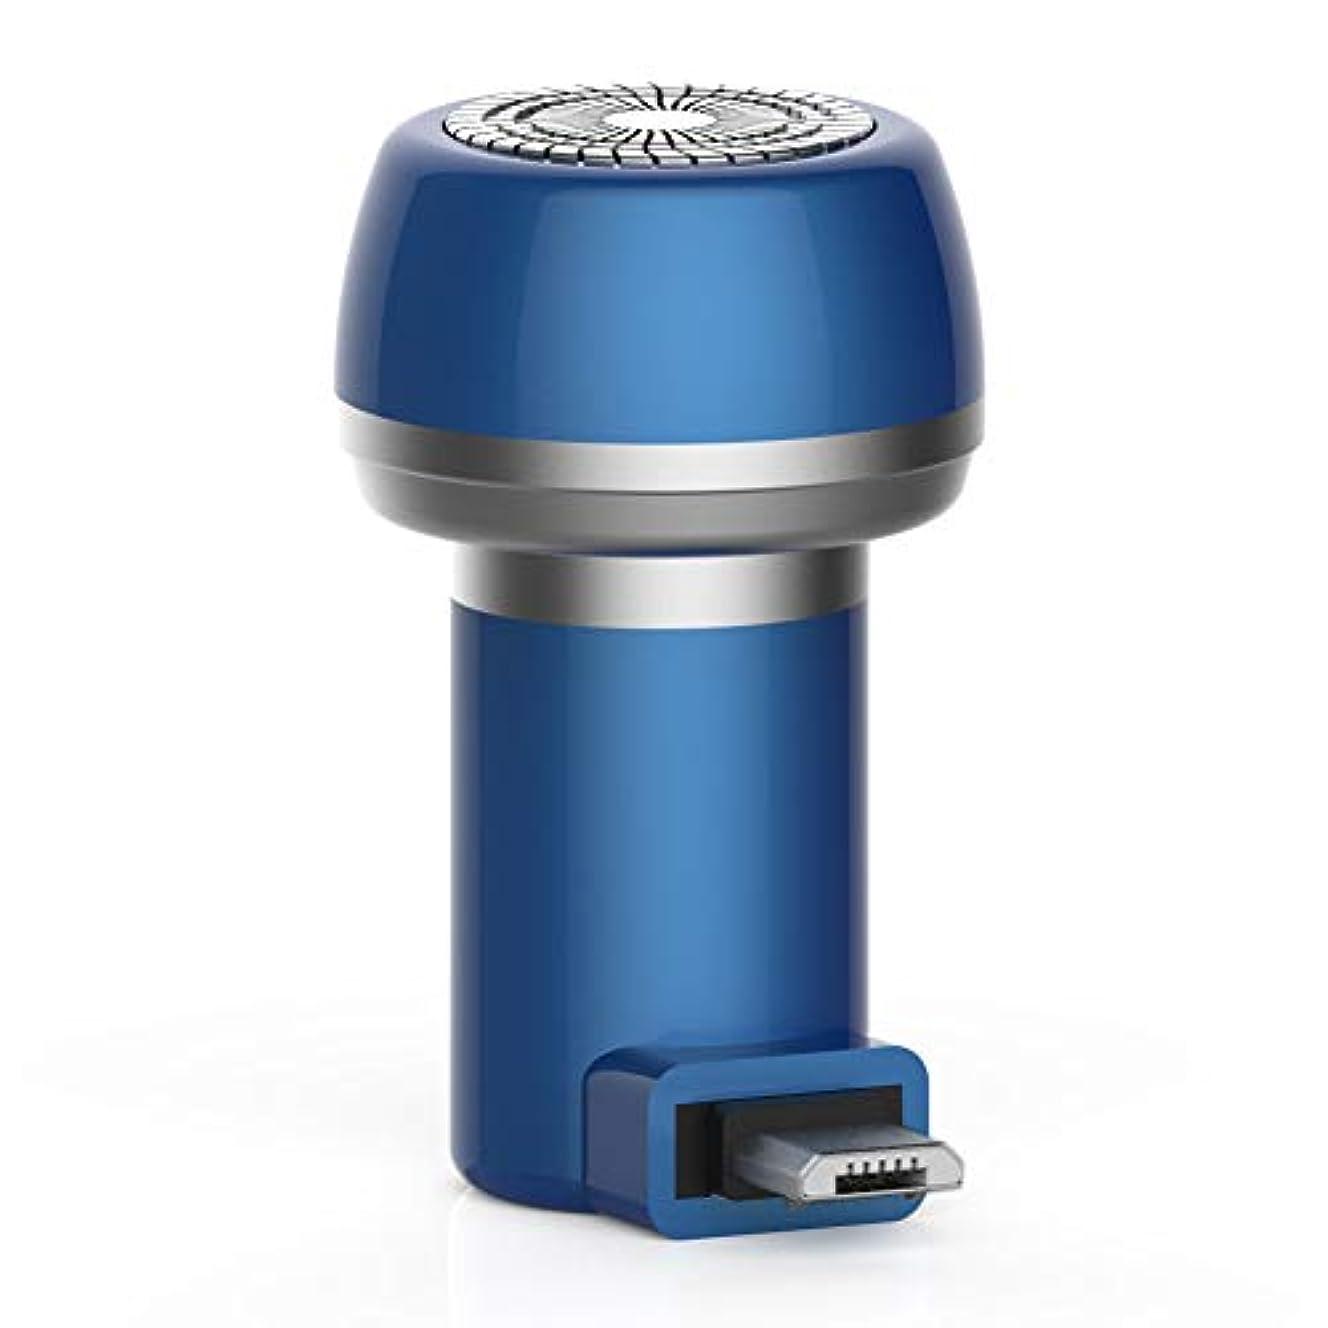 煙突信じる戻るFuntoget  電気充電式シェーバー、2に付き1磁気電気シェーバーミニポータブルType-C USB防水耐久性剃刀